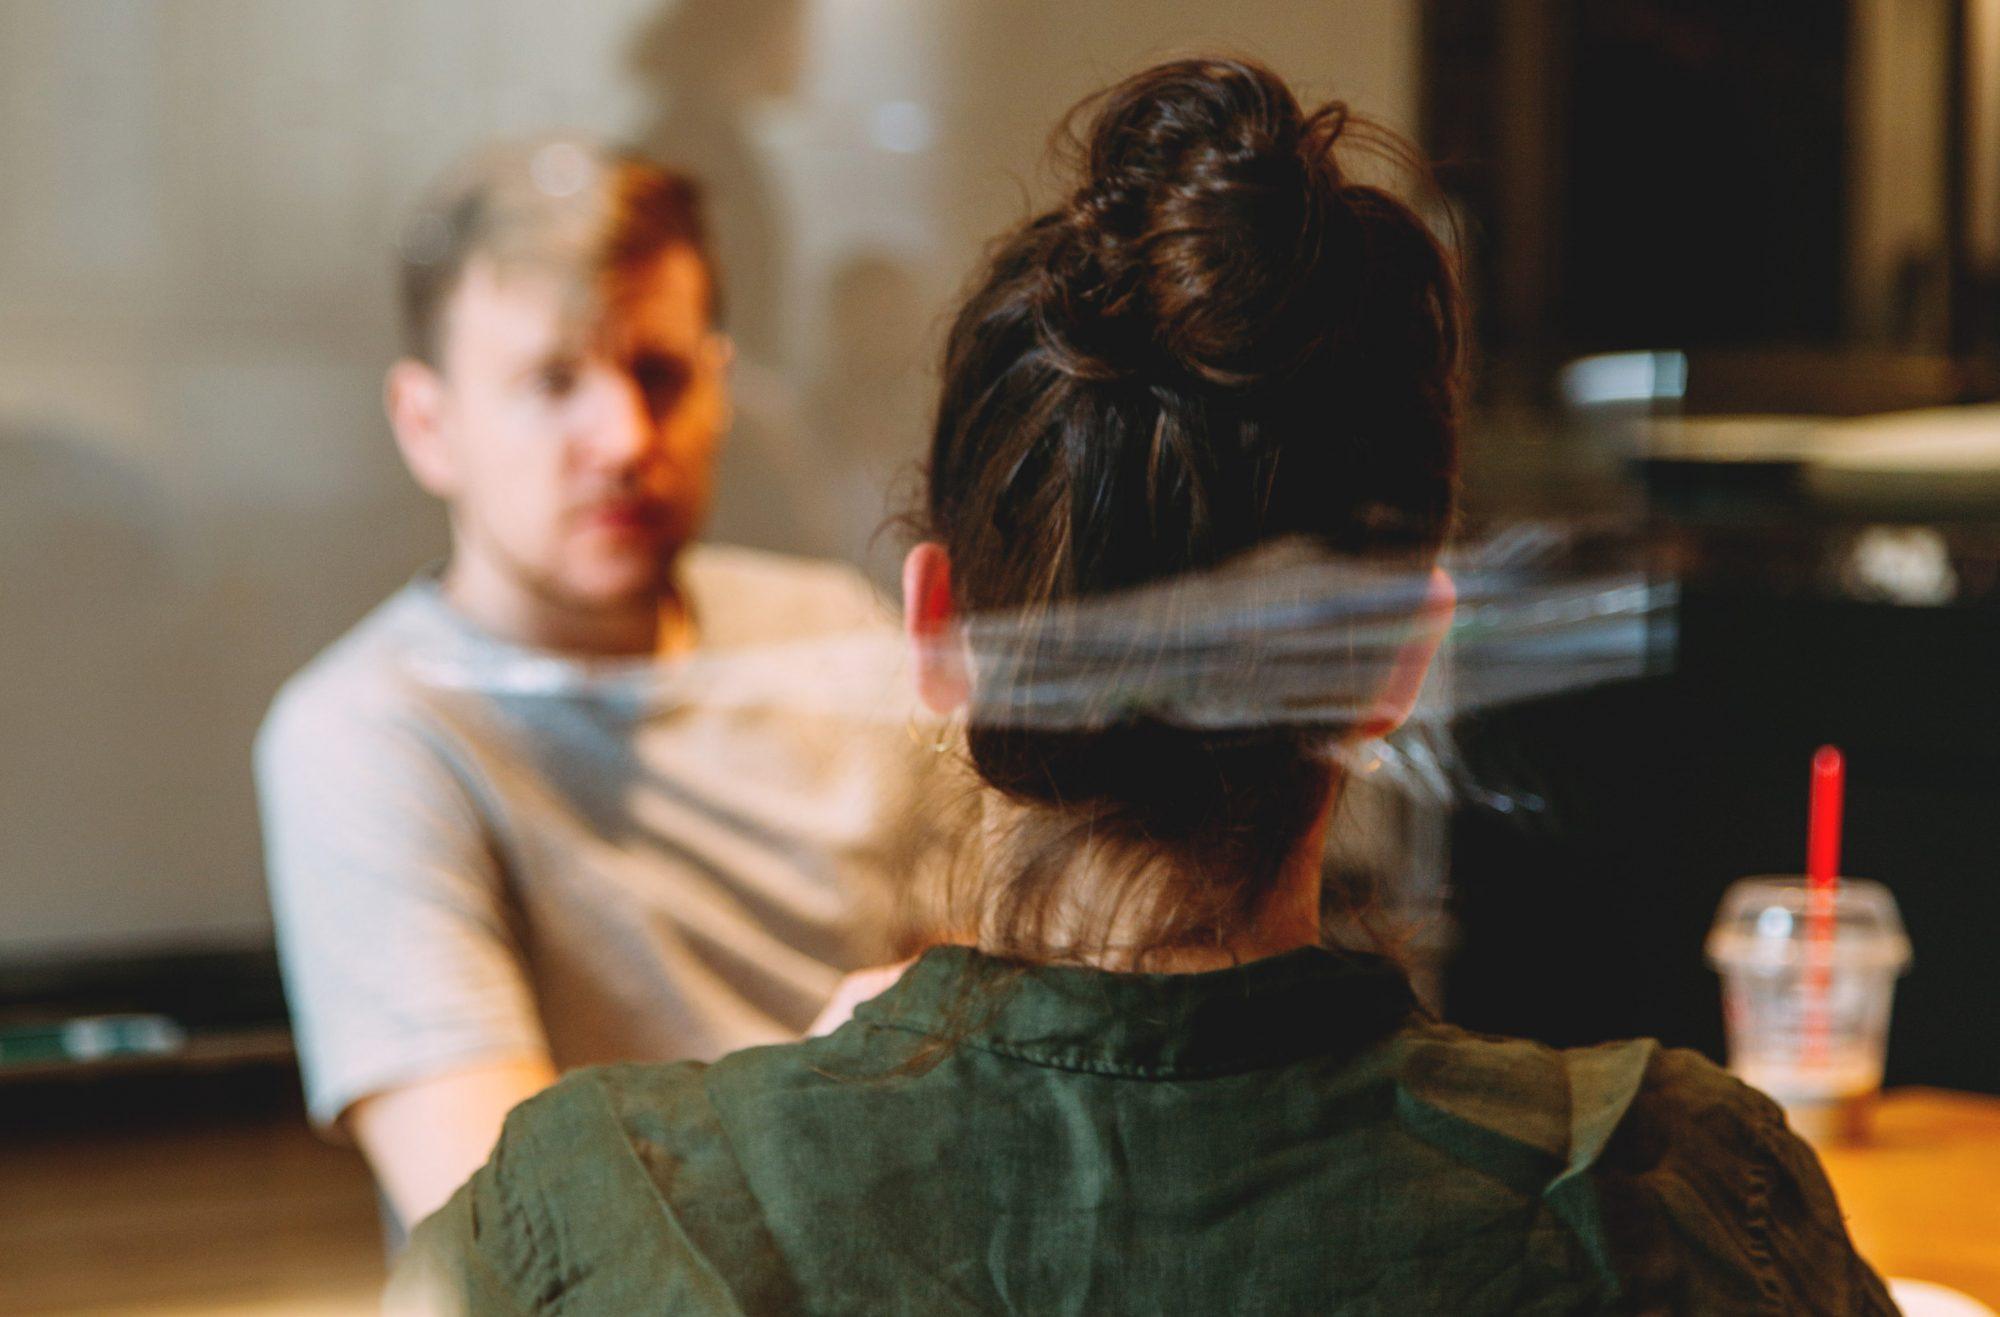 Två personer som samtalar bakom en glasvägg